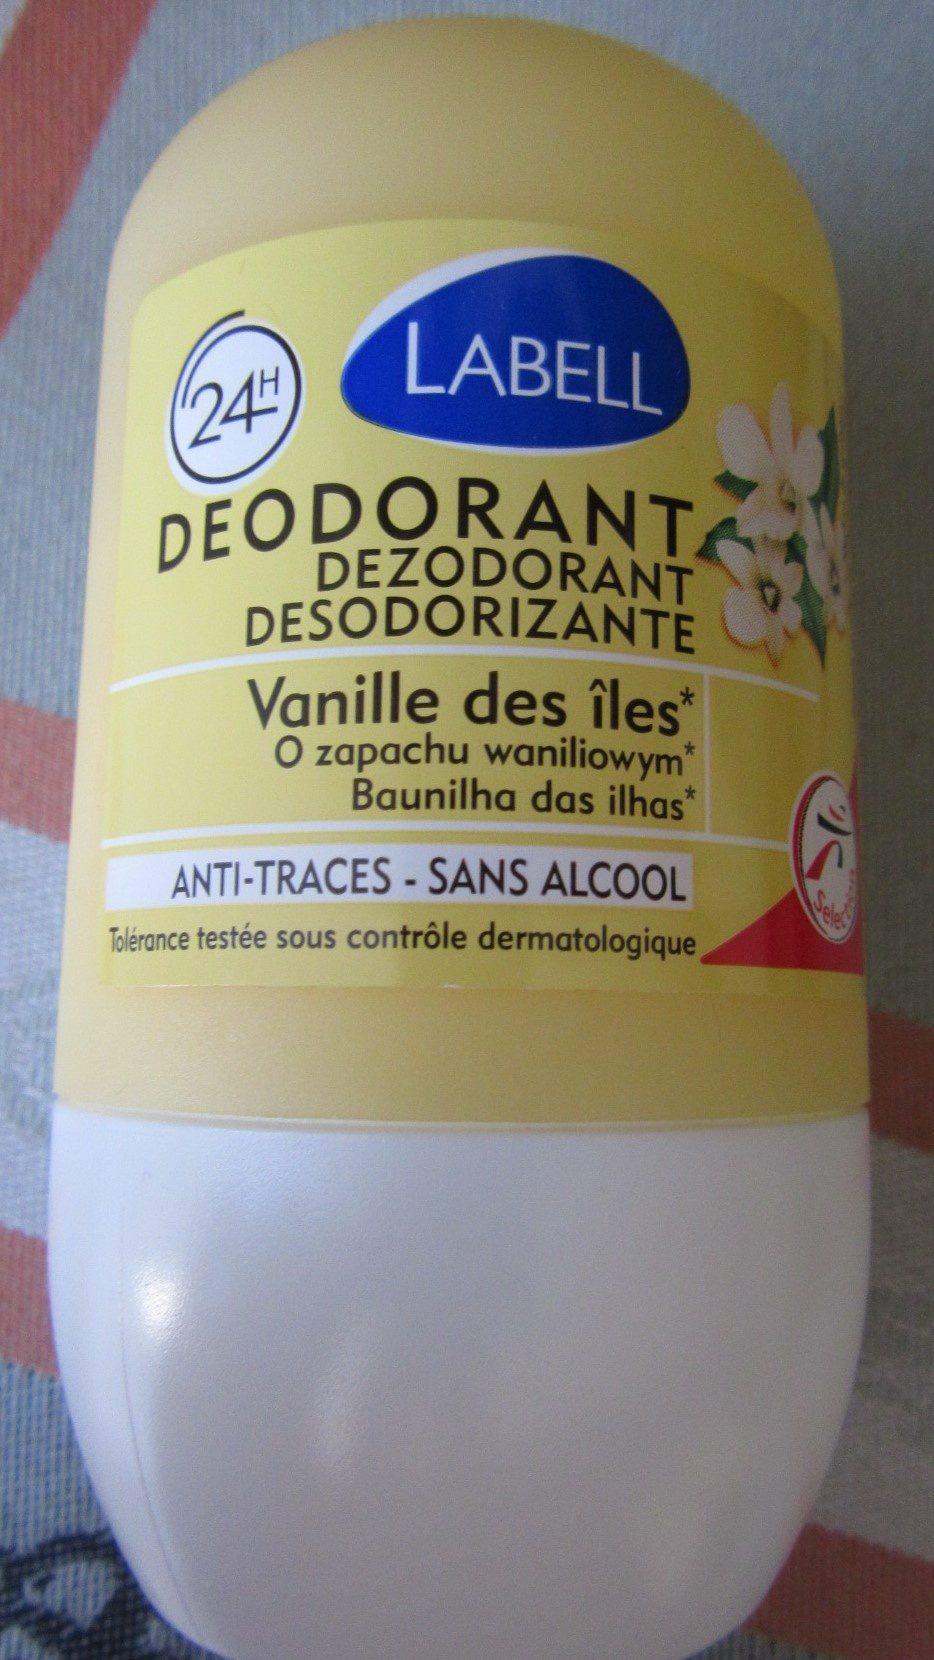 Labell Déodorant Vanille des îles - Product - fr